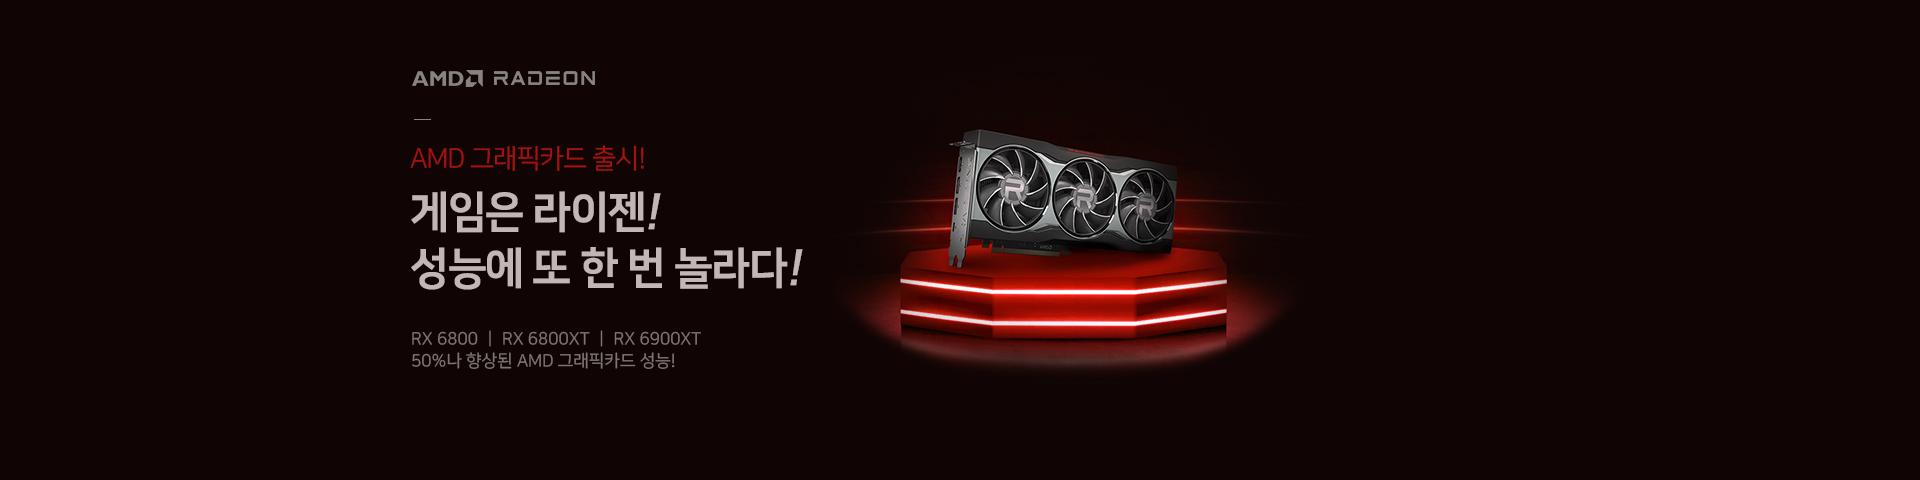 [AMD] 라데온 출시 기획전